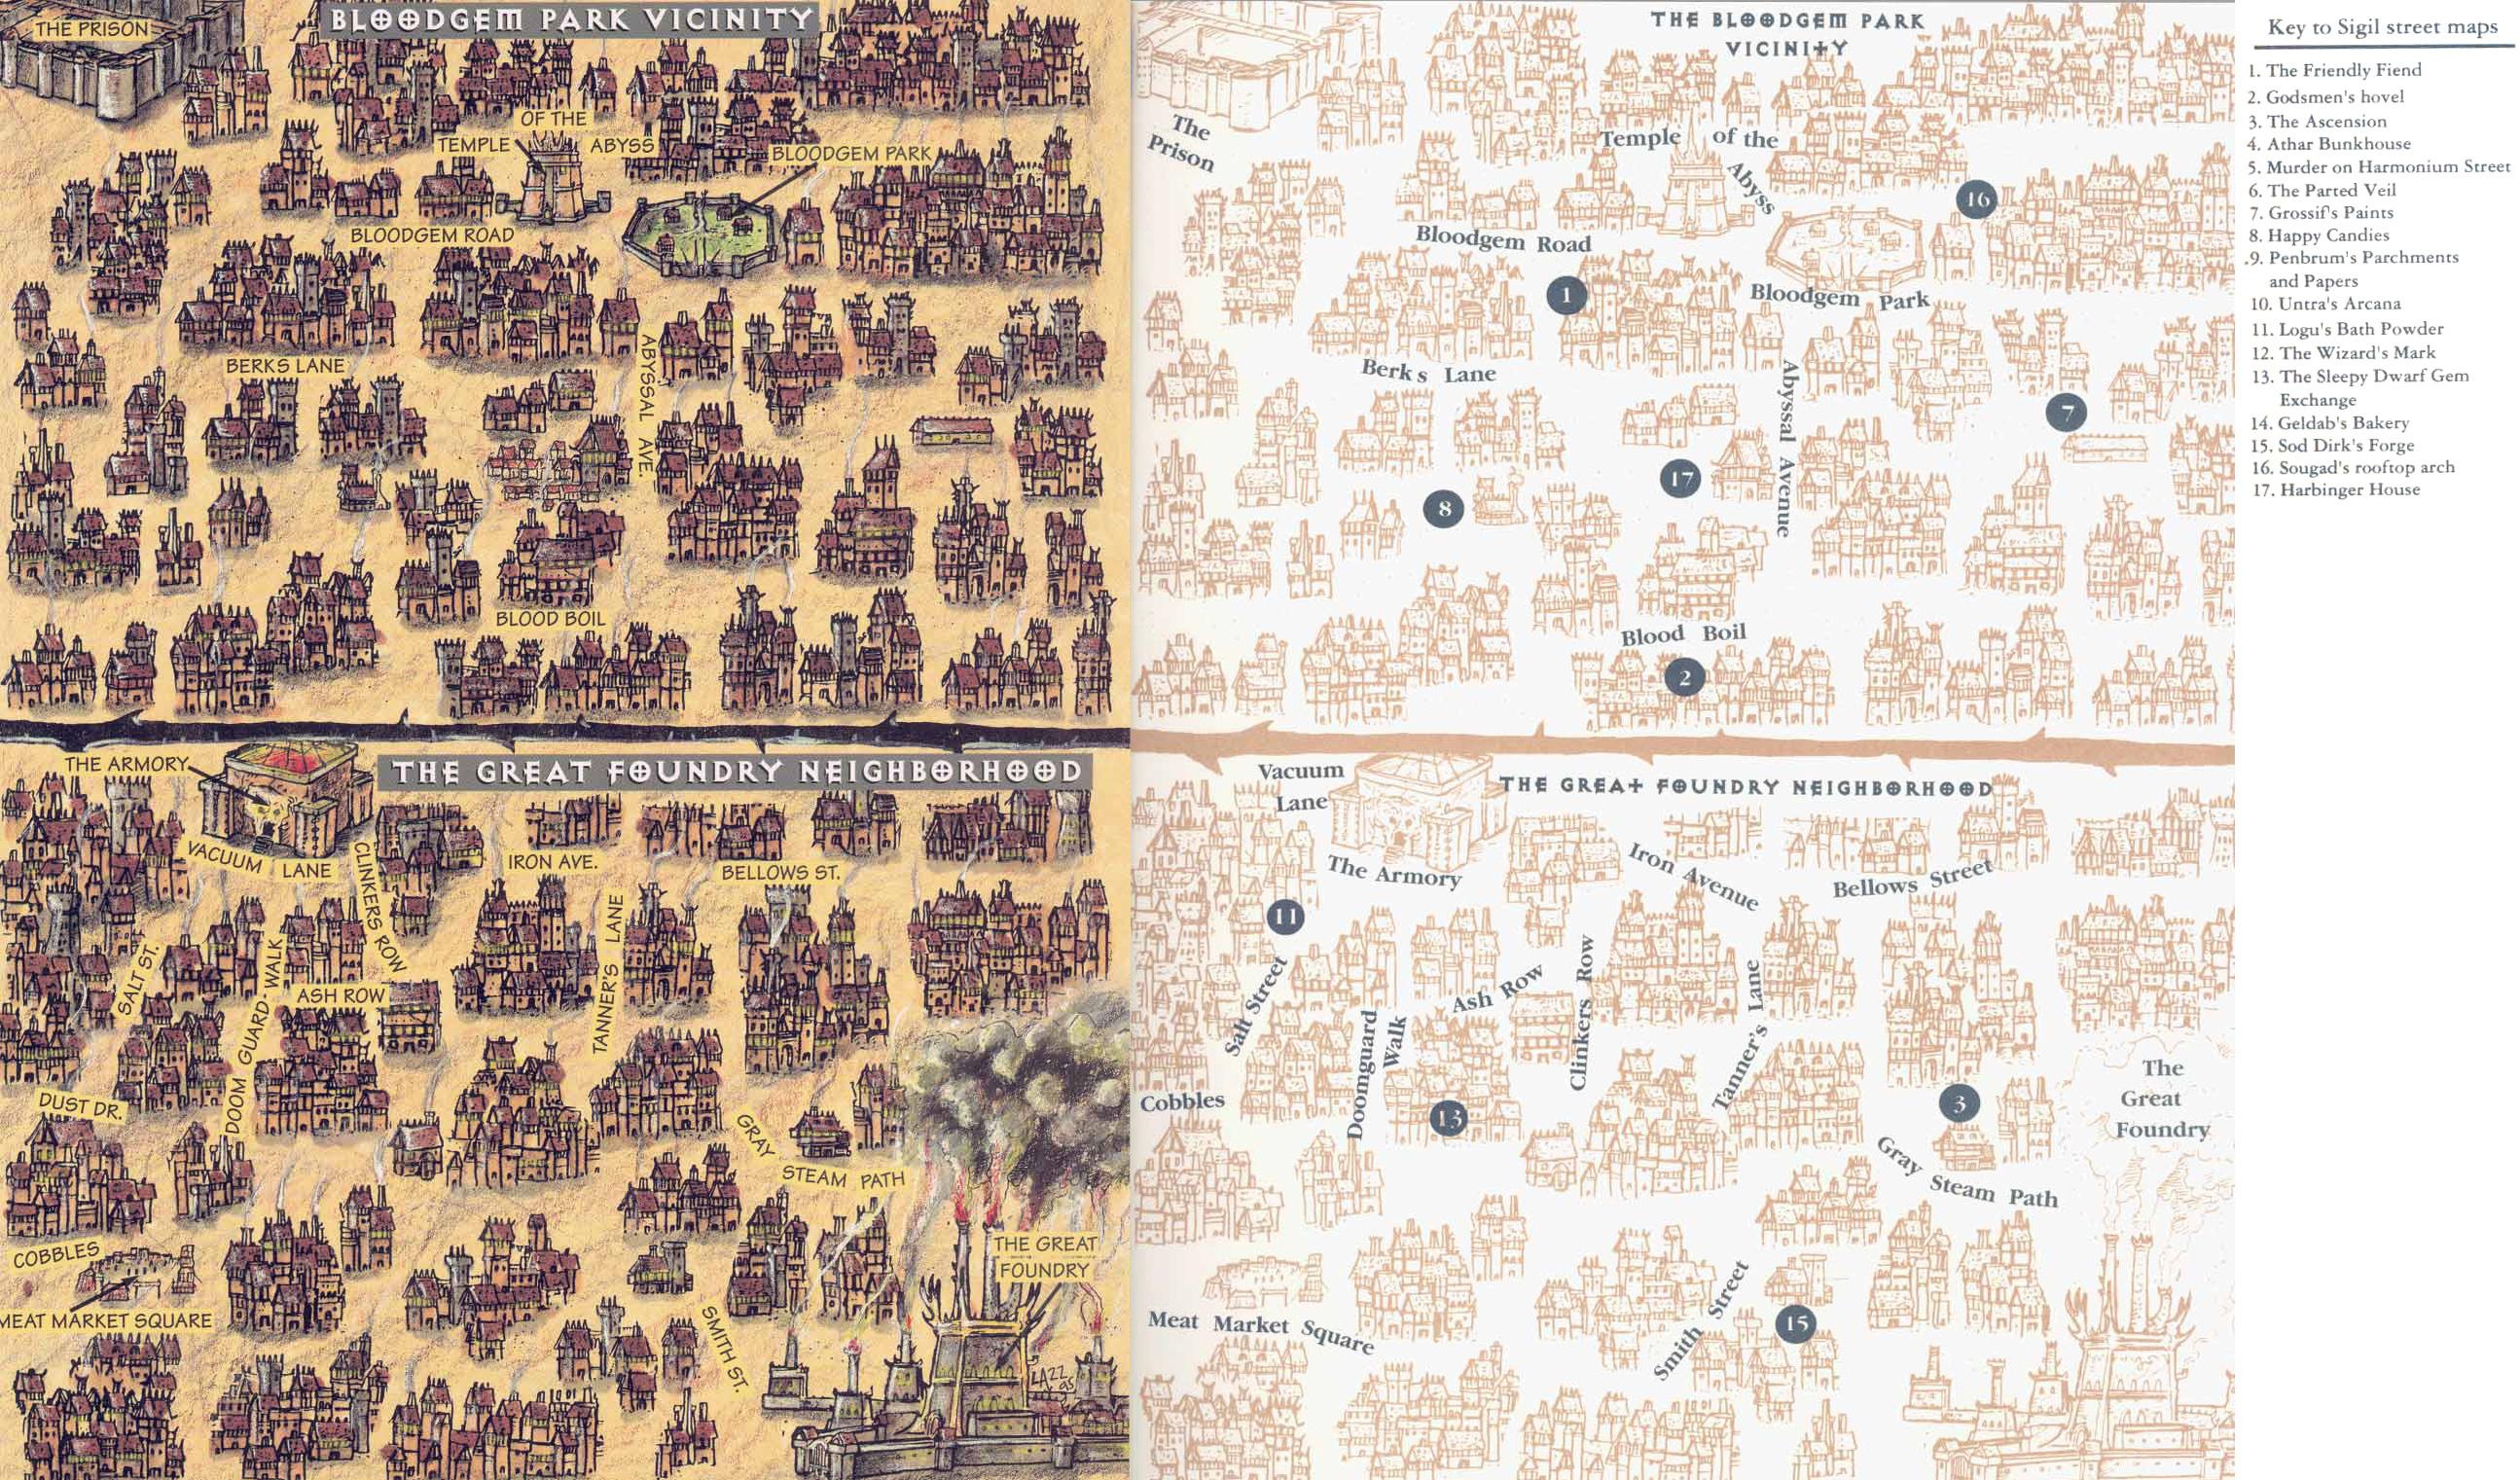 sigil streets map Mappe dei dintorni della Fonderia e del parco Gemma di Sangue - by Rob Lazzaretti TSR - Harbinger House (1995-07) © Wizards of the Coast & Hasbro